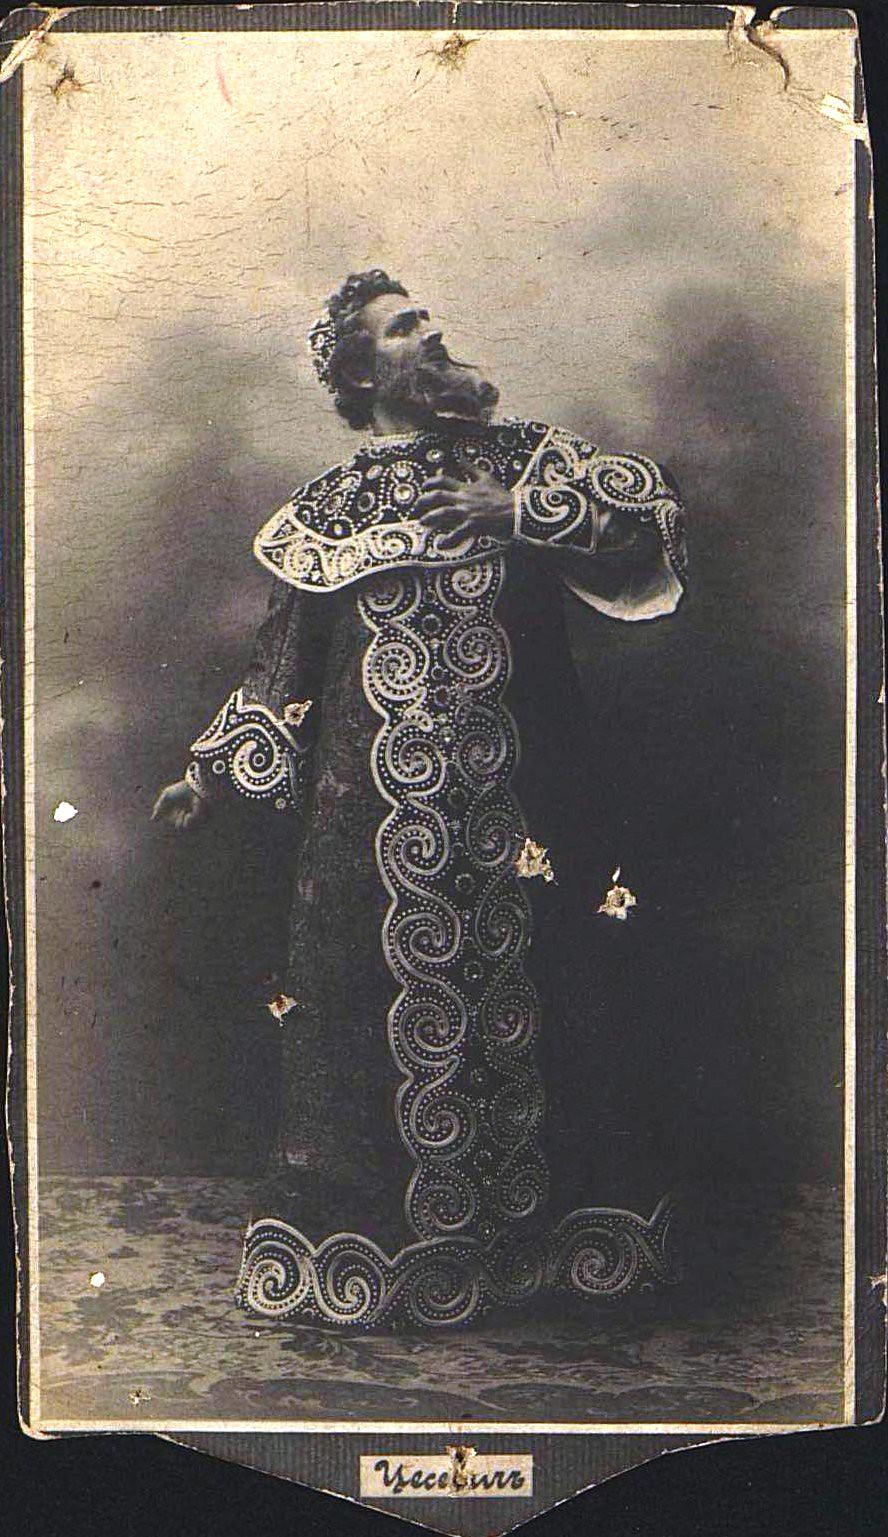 Цесевич Платон Иванович, ведущий артист Одесского оперного театра, в роли Бориса Годунова в одноимённой опере. Не позднее 13 декабря 1910